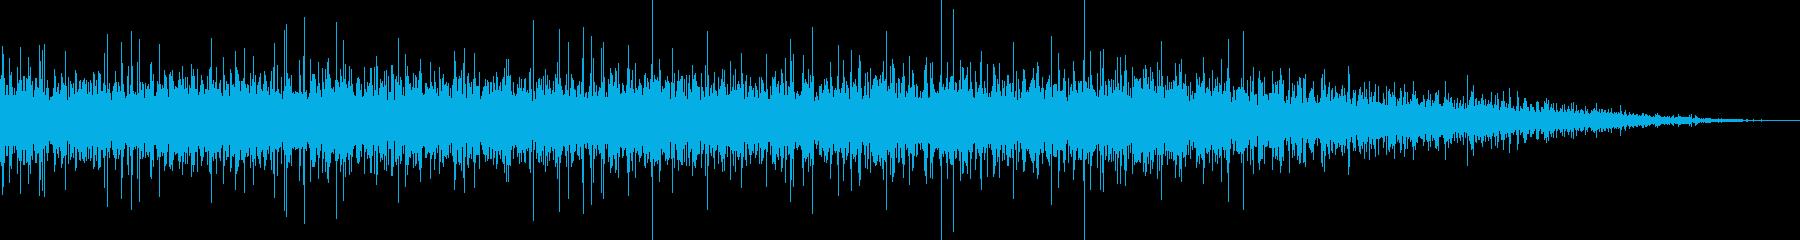 ザーザー…ナチュラルな川の流れの再生済みの波形